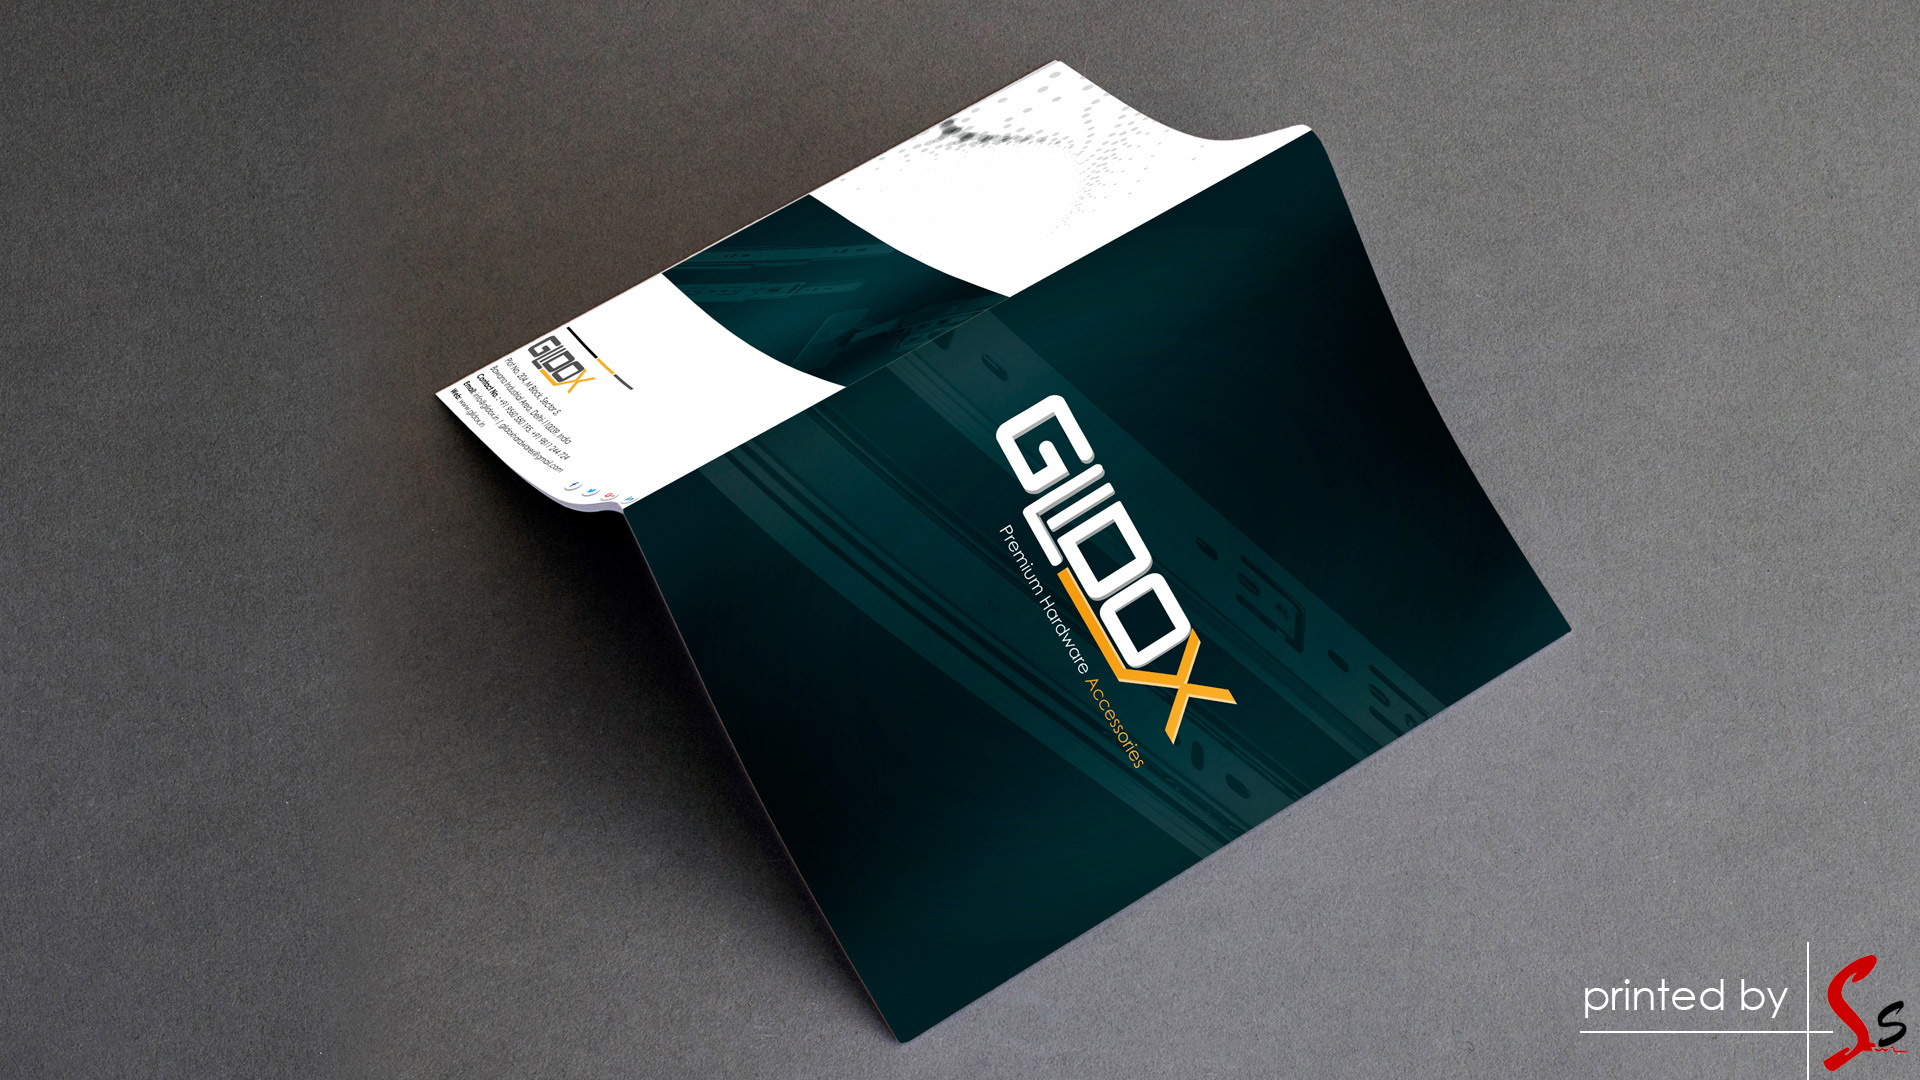 Glidox Brochure